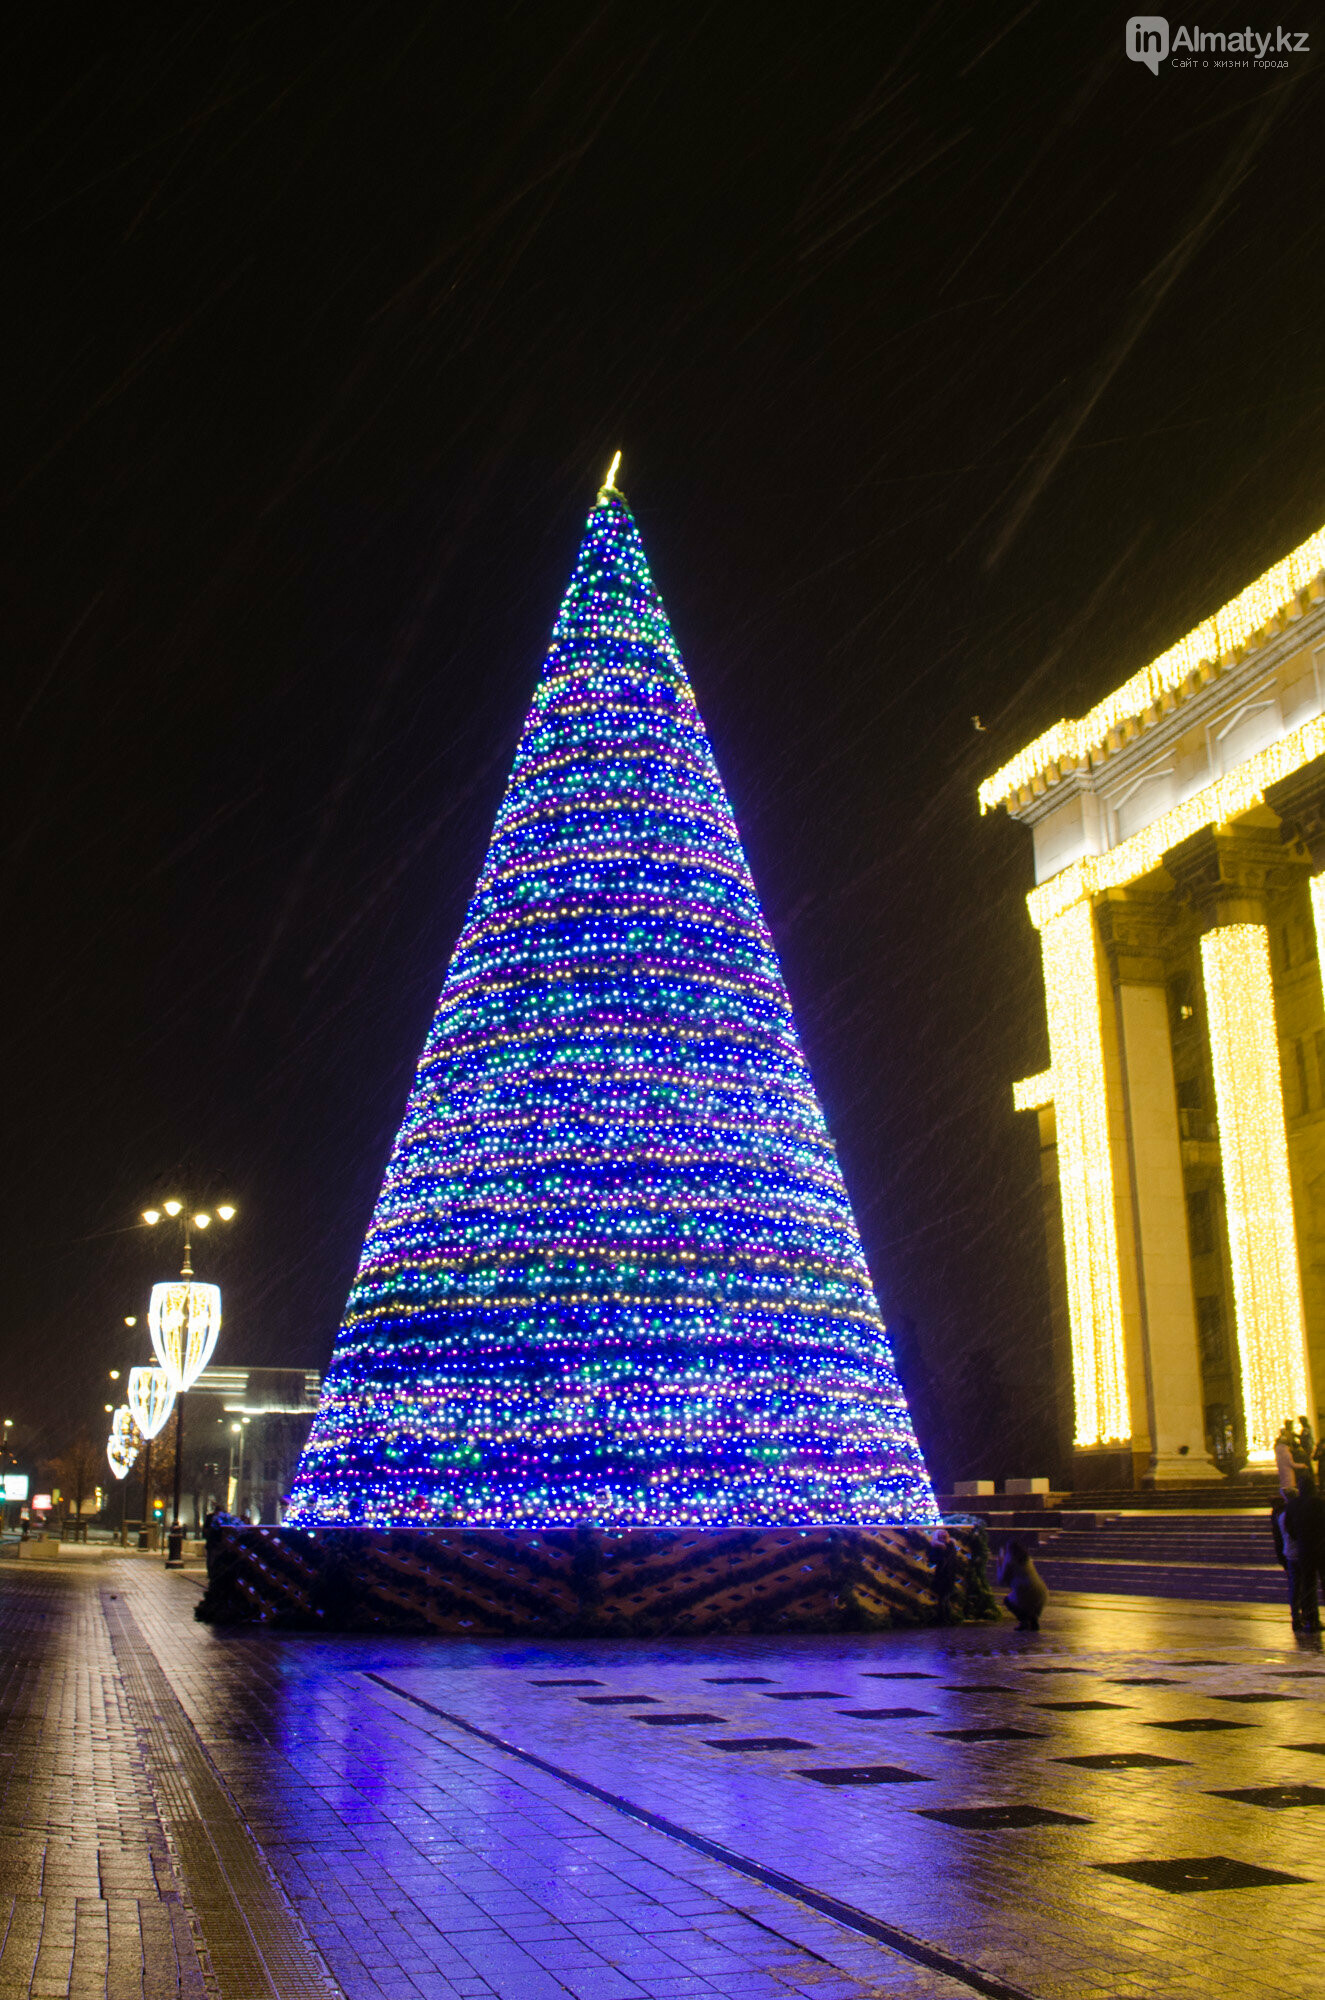 Как украшен центр Алматы к Новому году (фото), фото-34